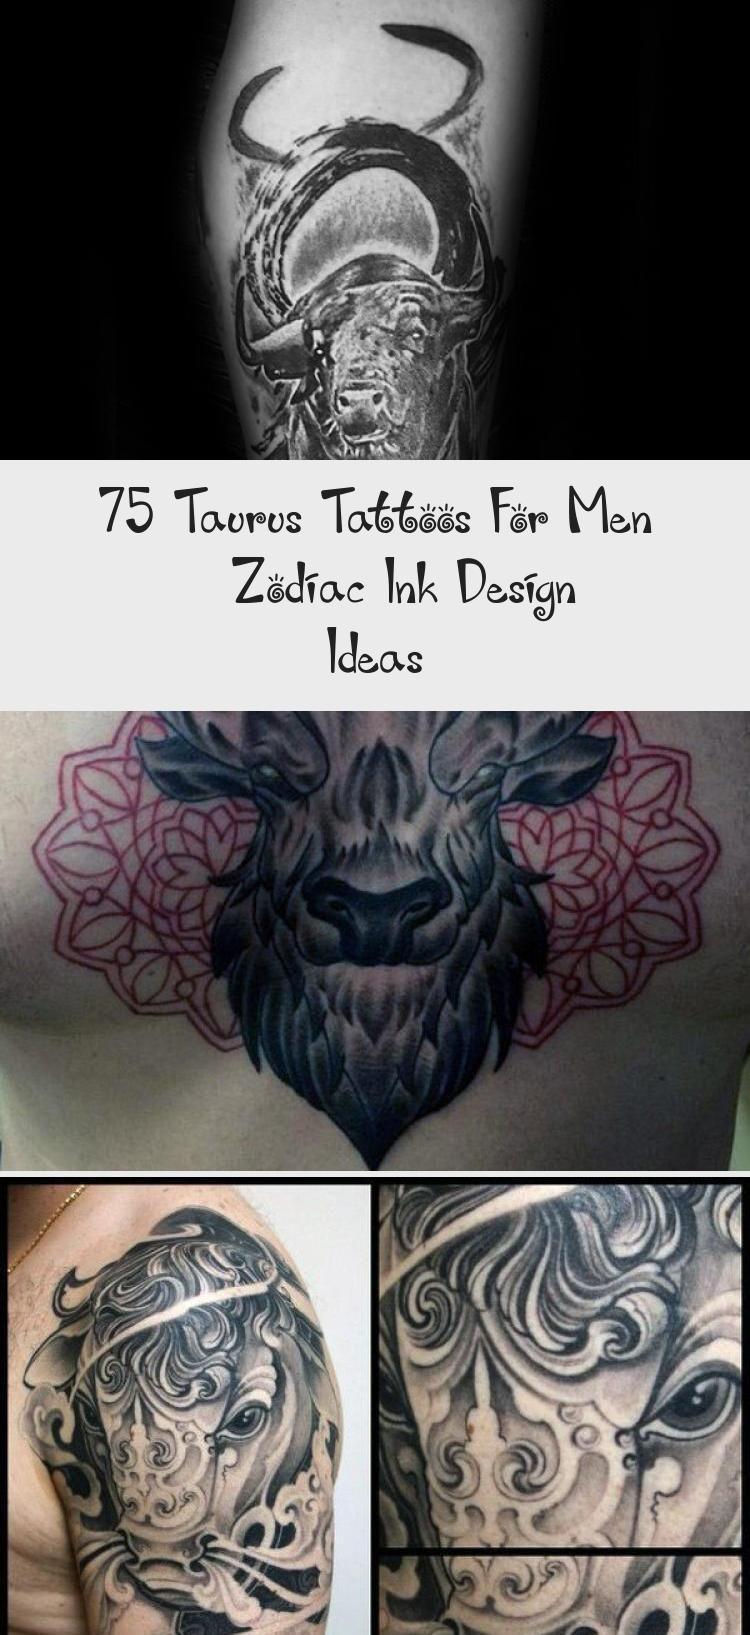 11+ Awesome Taurus sleeve tattoo ideas image ideas